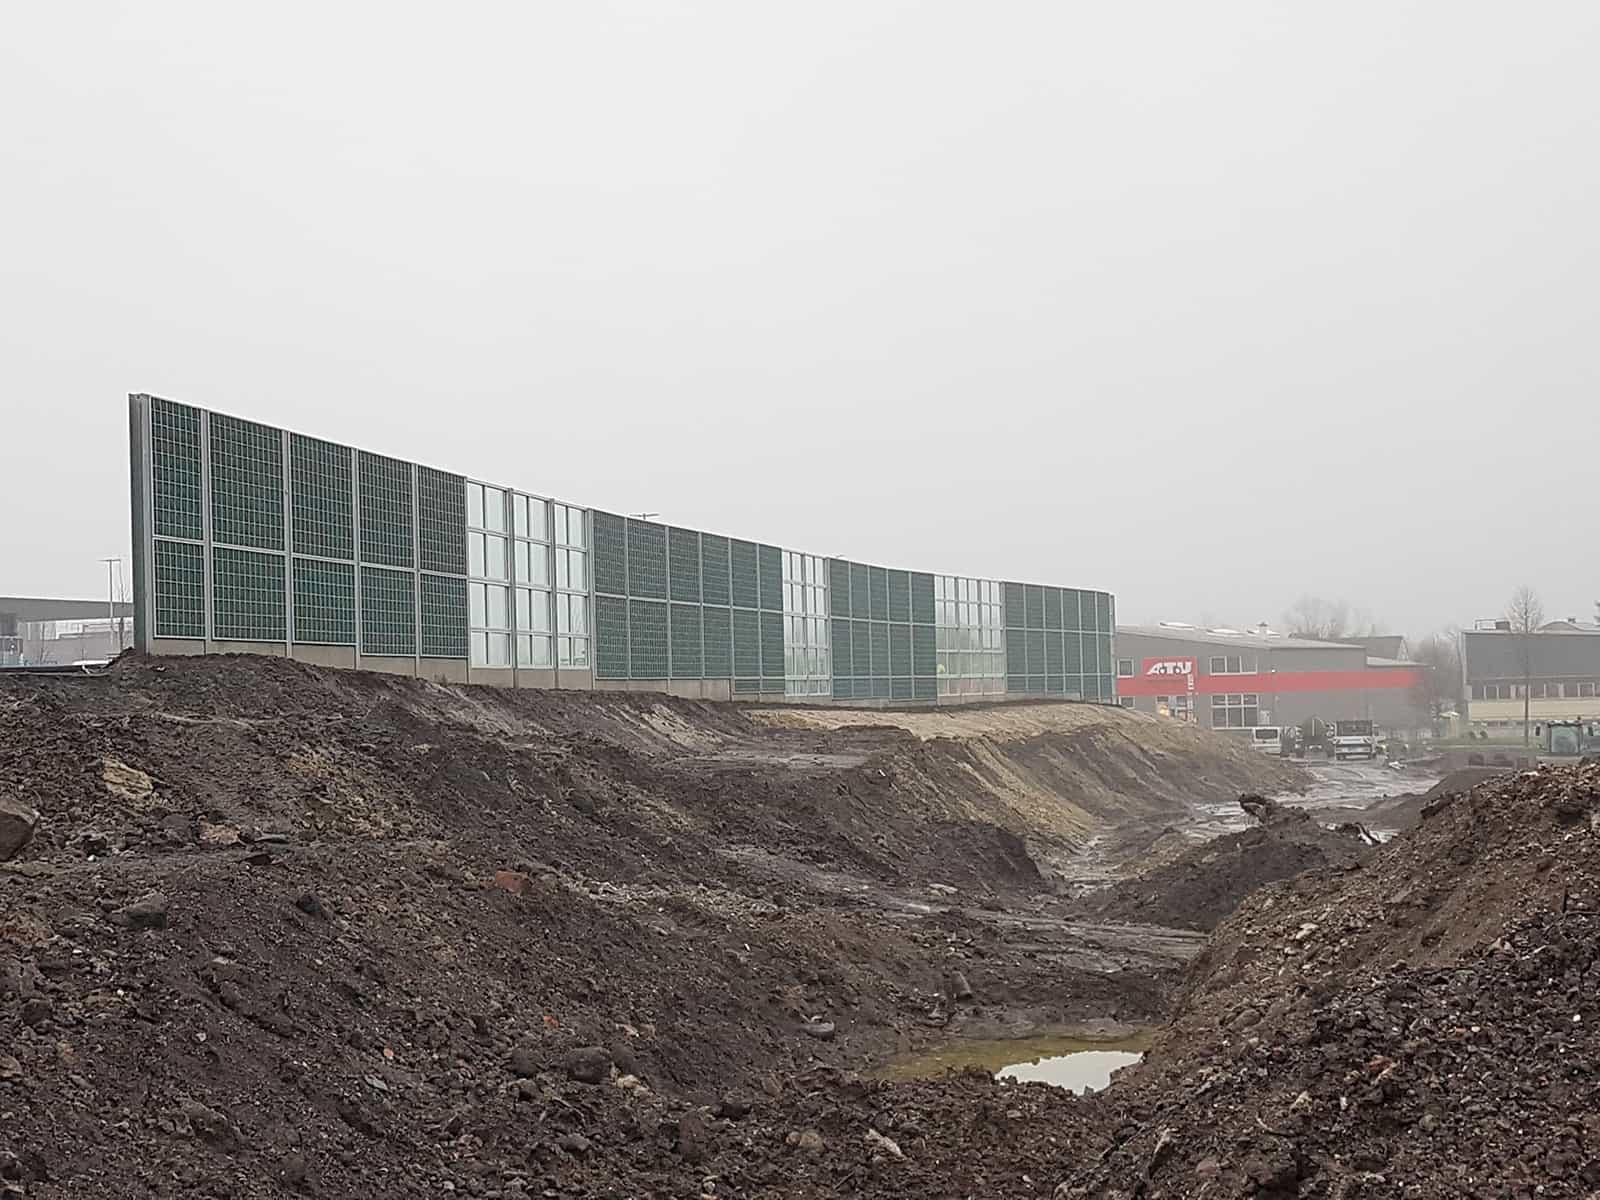 Bau einer RAU Rock Extensiv Lärmschutzwand in Dortmund